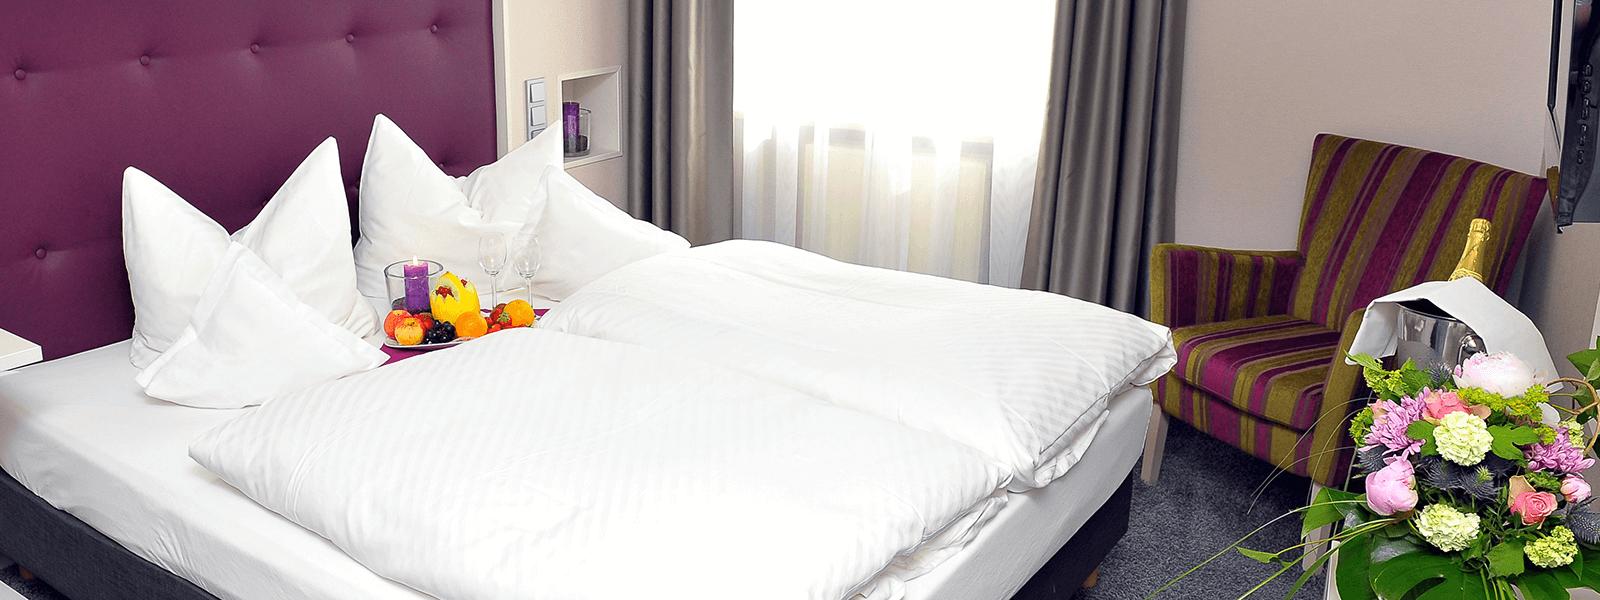 Doppelbett im Landblick Zimmer